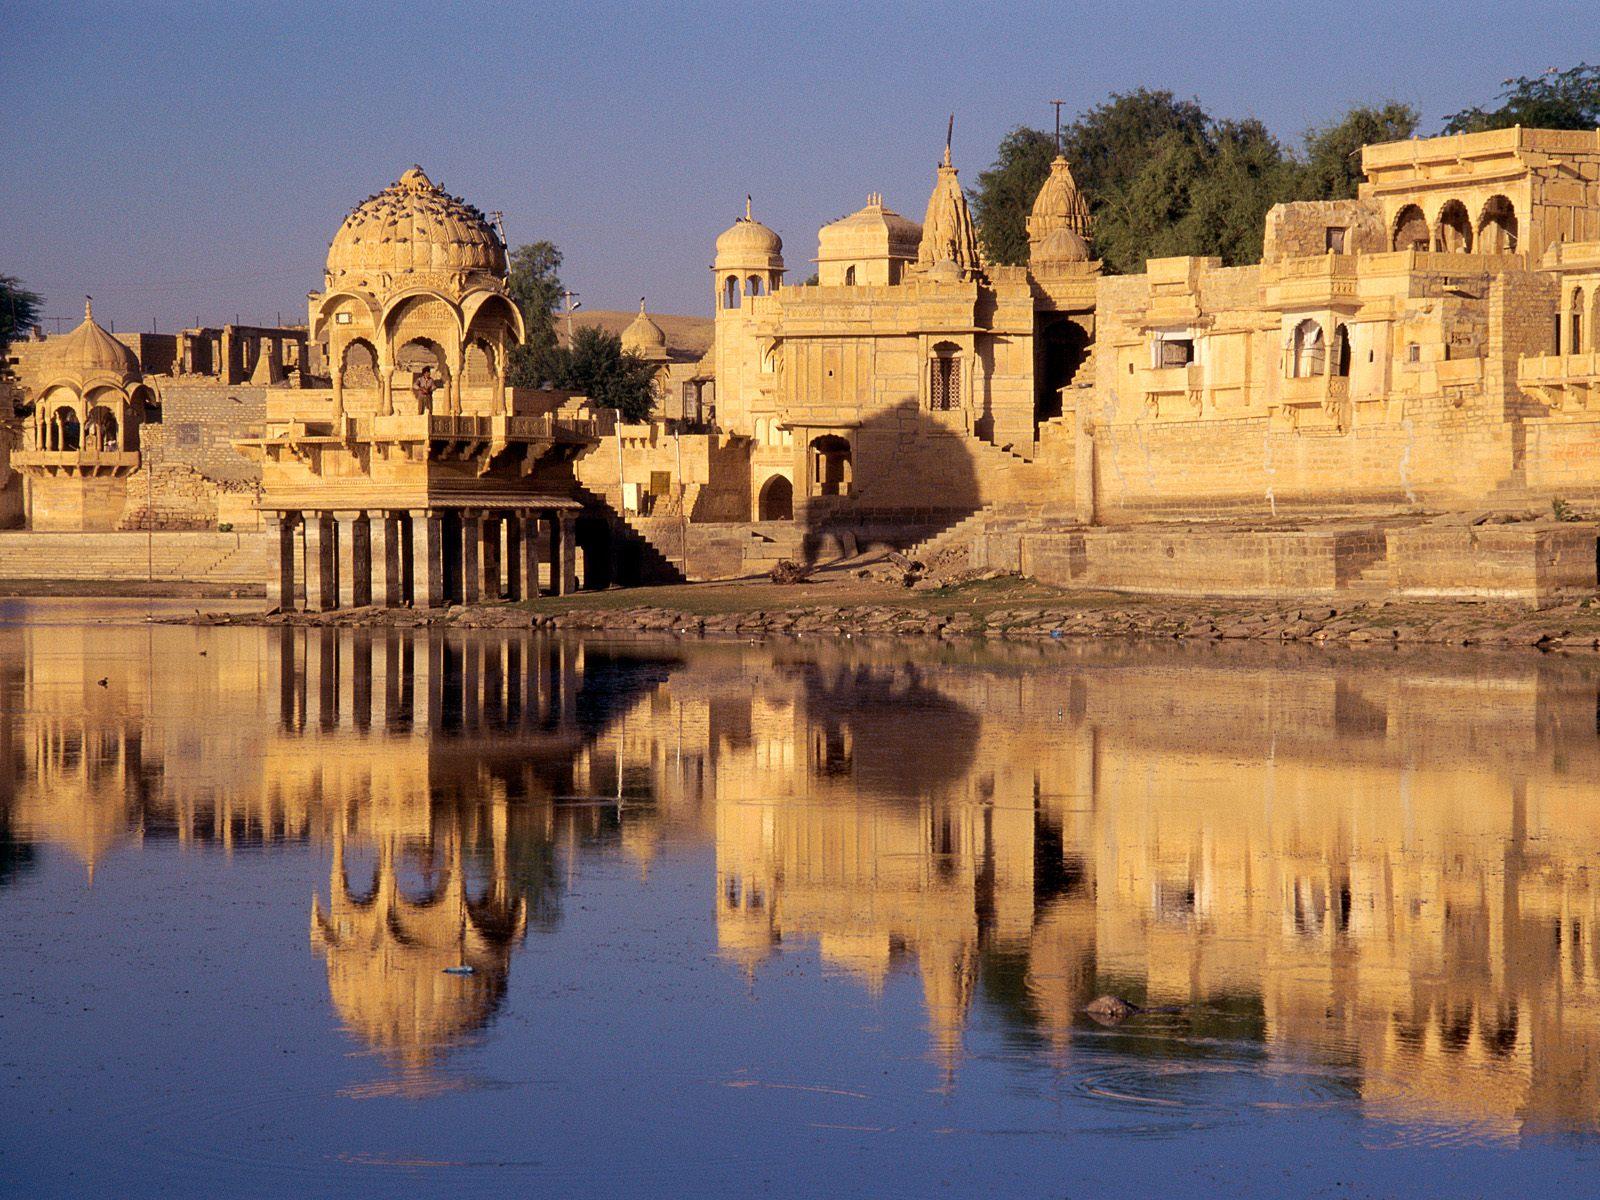 jaisalmer-la-citta-fortezza-al-confine-con-il-thar-il-grande-deserto-indiano-india